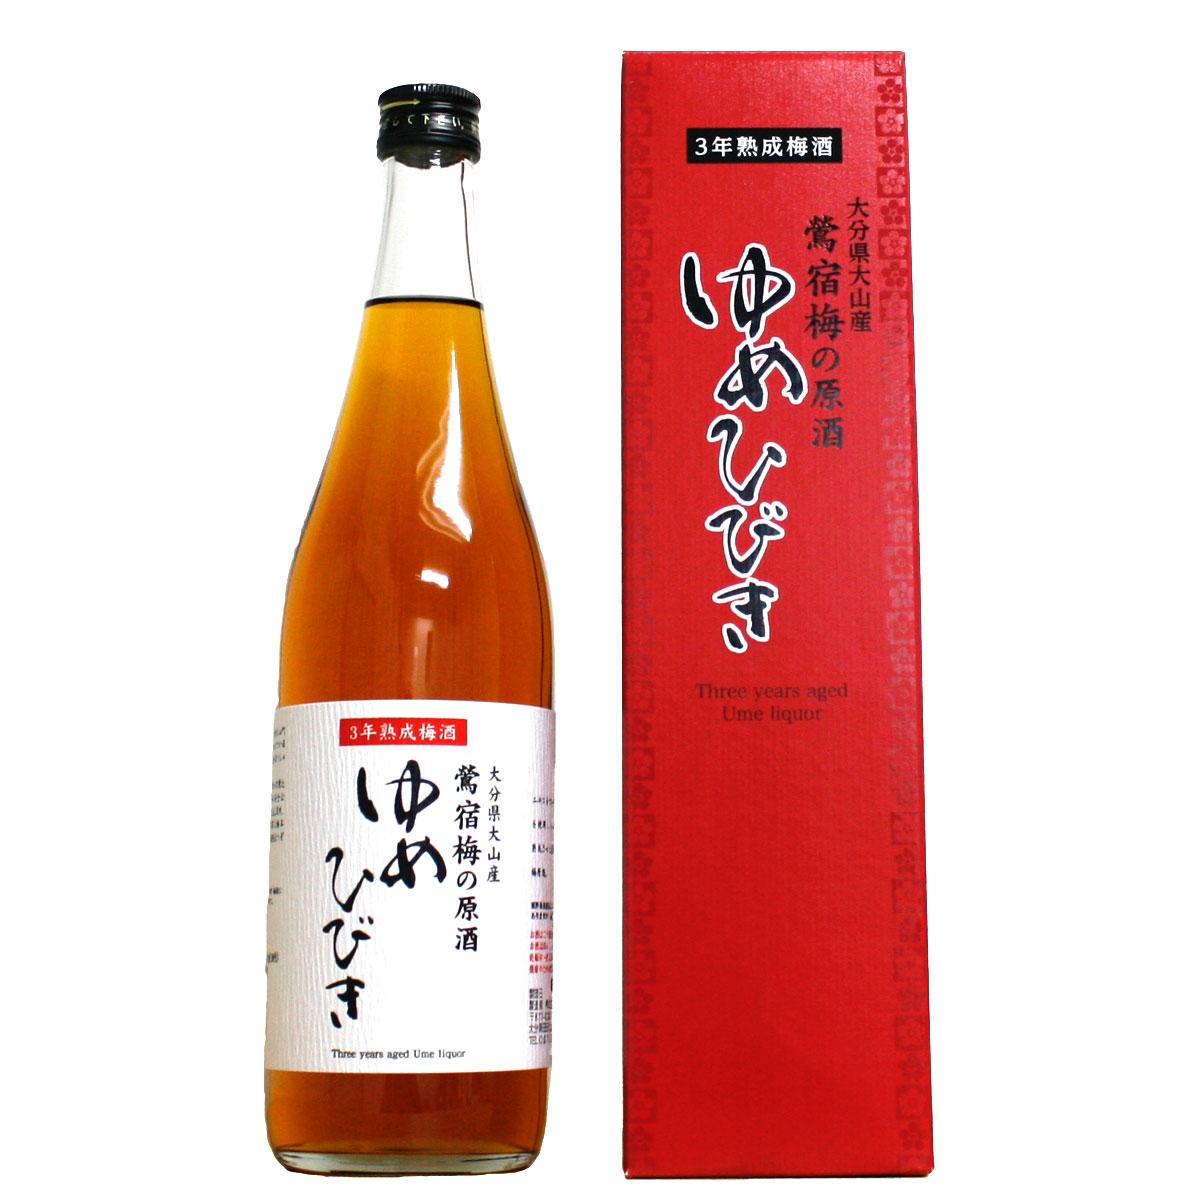 濃厚な味わいで非常においしい。おおやま夢工房の梅酒 熟成梅酒 ゆめひびき 20° 720ml【専用化粧箱入り】